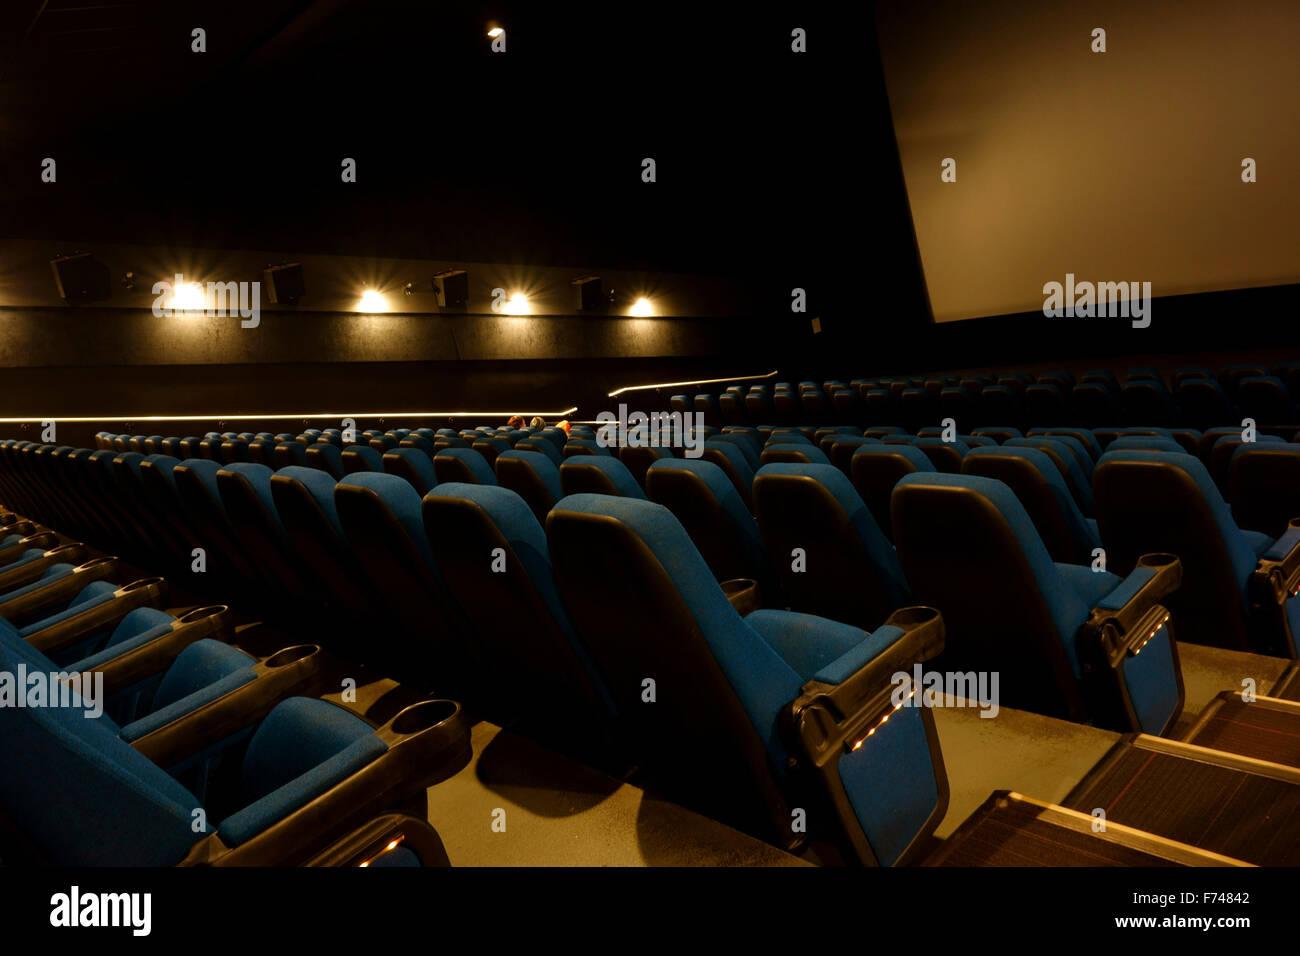 Sitzplätzen und die Leinwand in einem Kino oder Kino mit Licht gedimmt und niemand Stockfoto